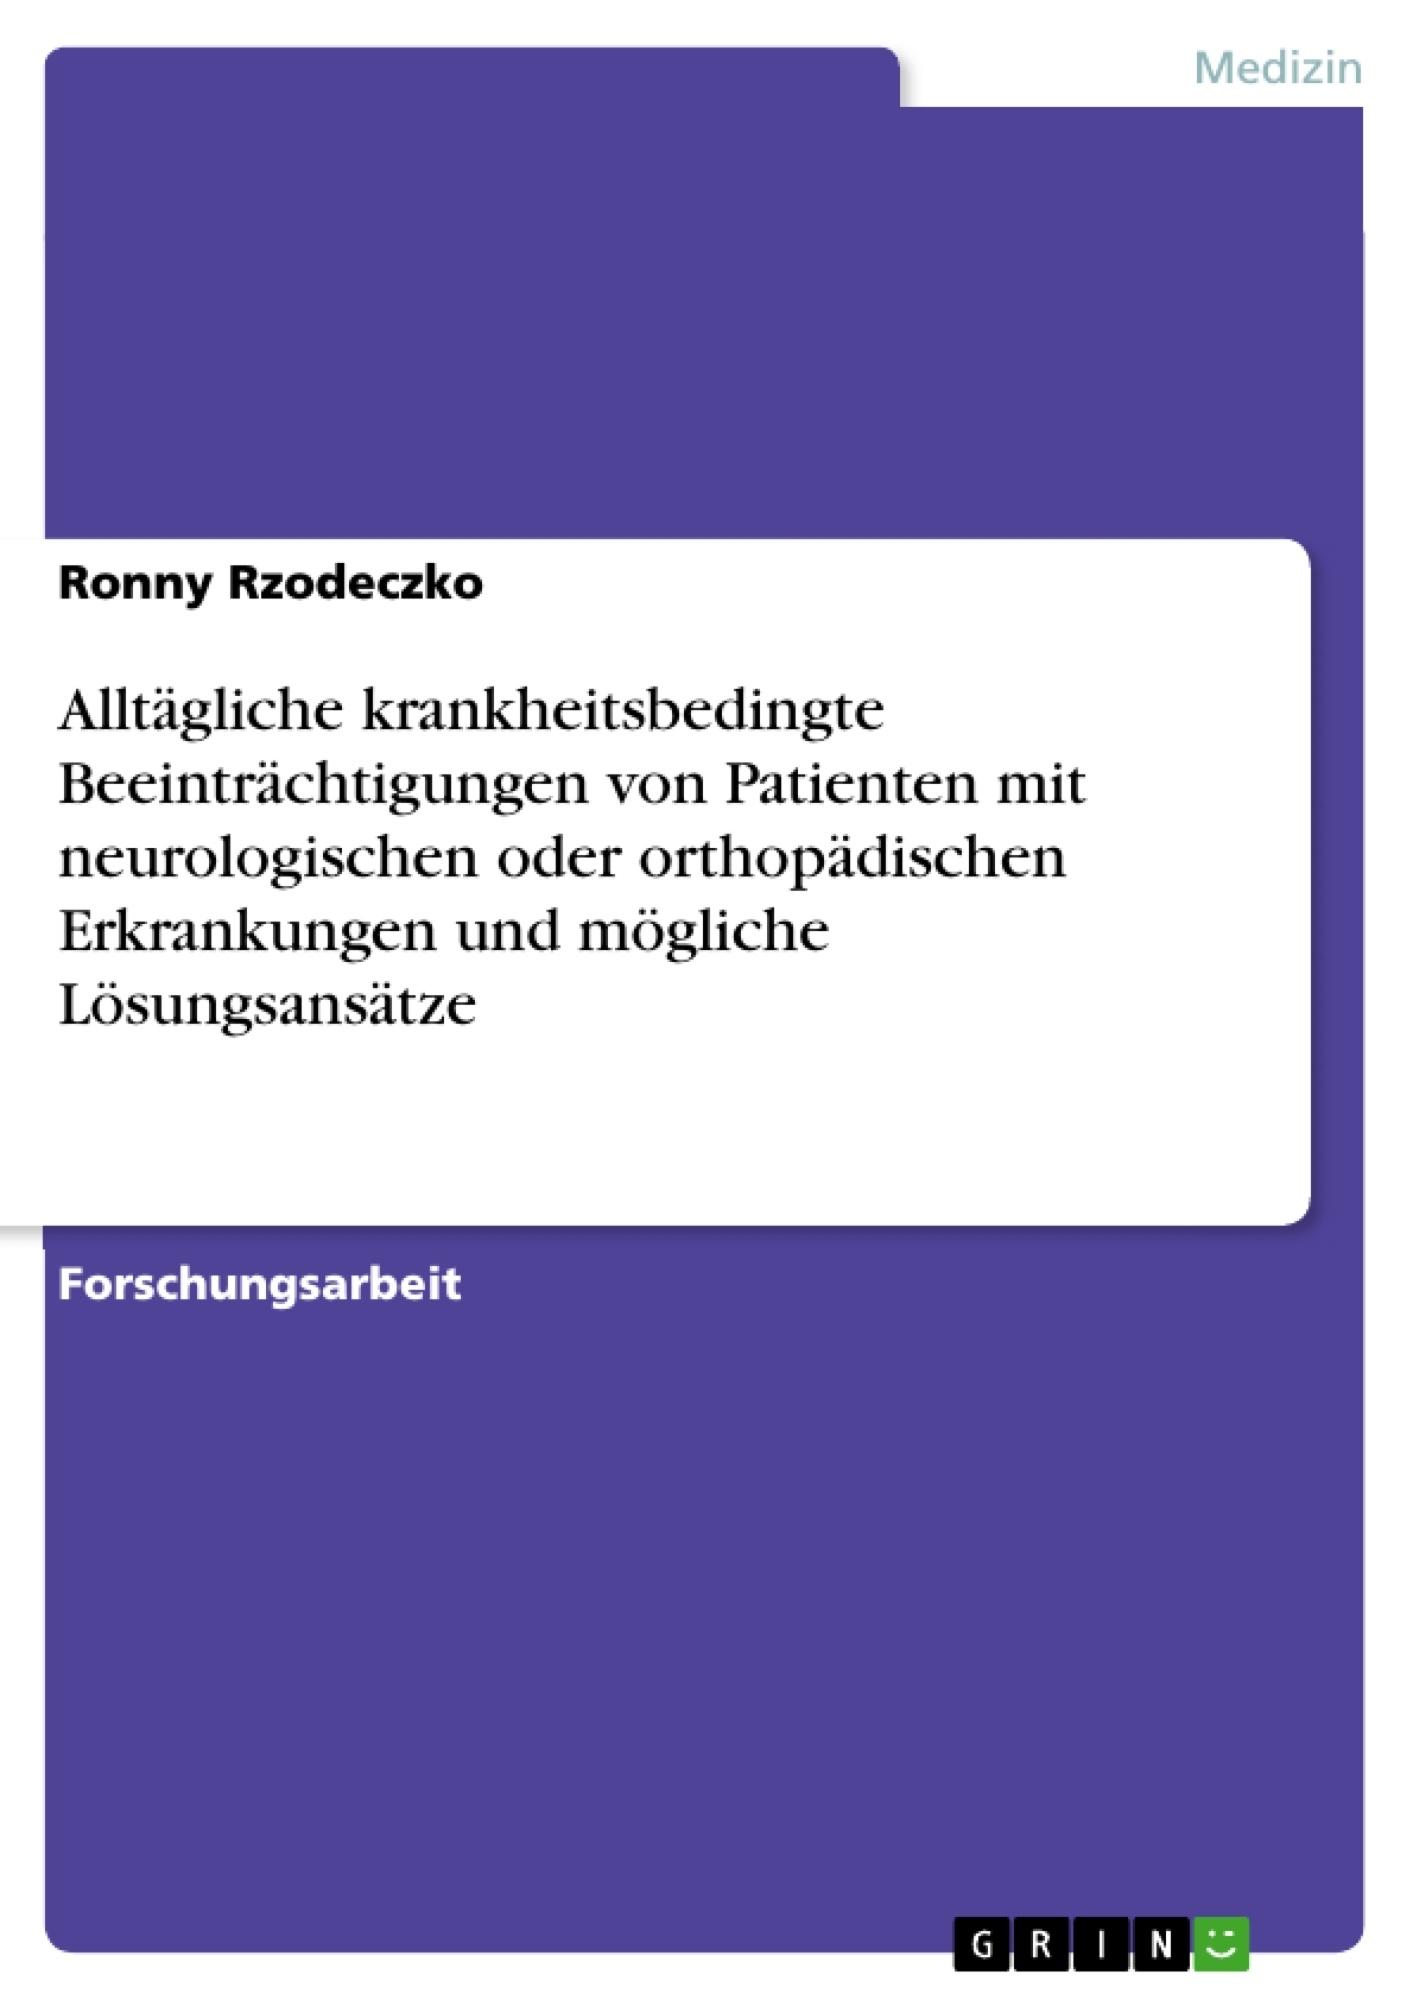 Titel: Alltägliche krankheitsbedingte Beeinträchtigungen von Patienten mit neurologischen oder orthopädischen Erkrankungen und mögliche Lösungsansätze